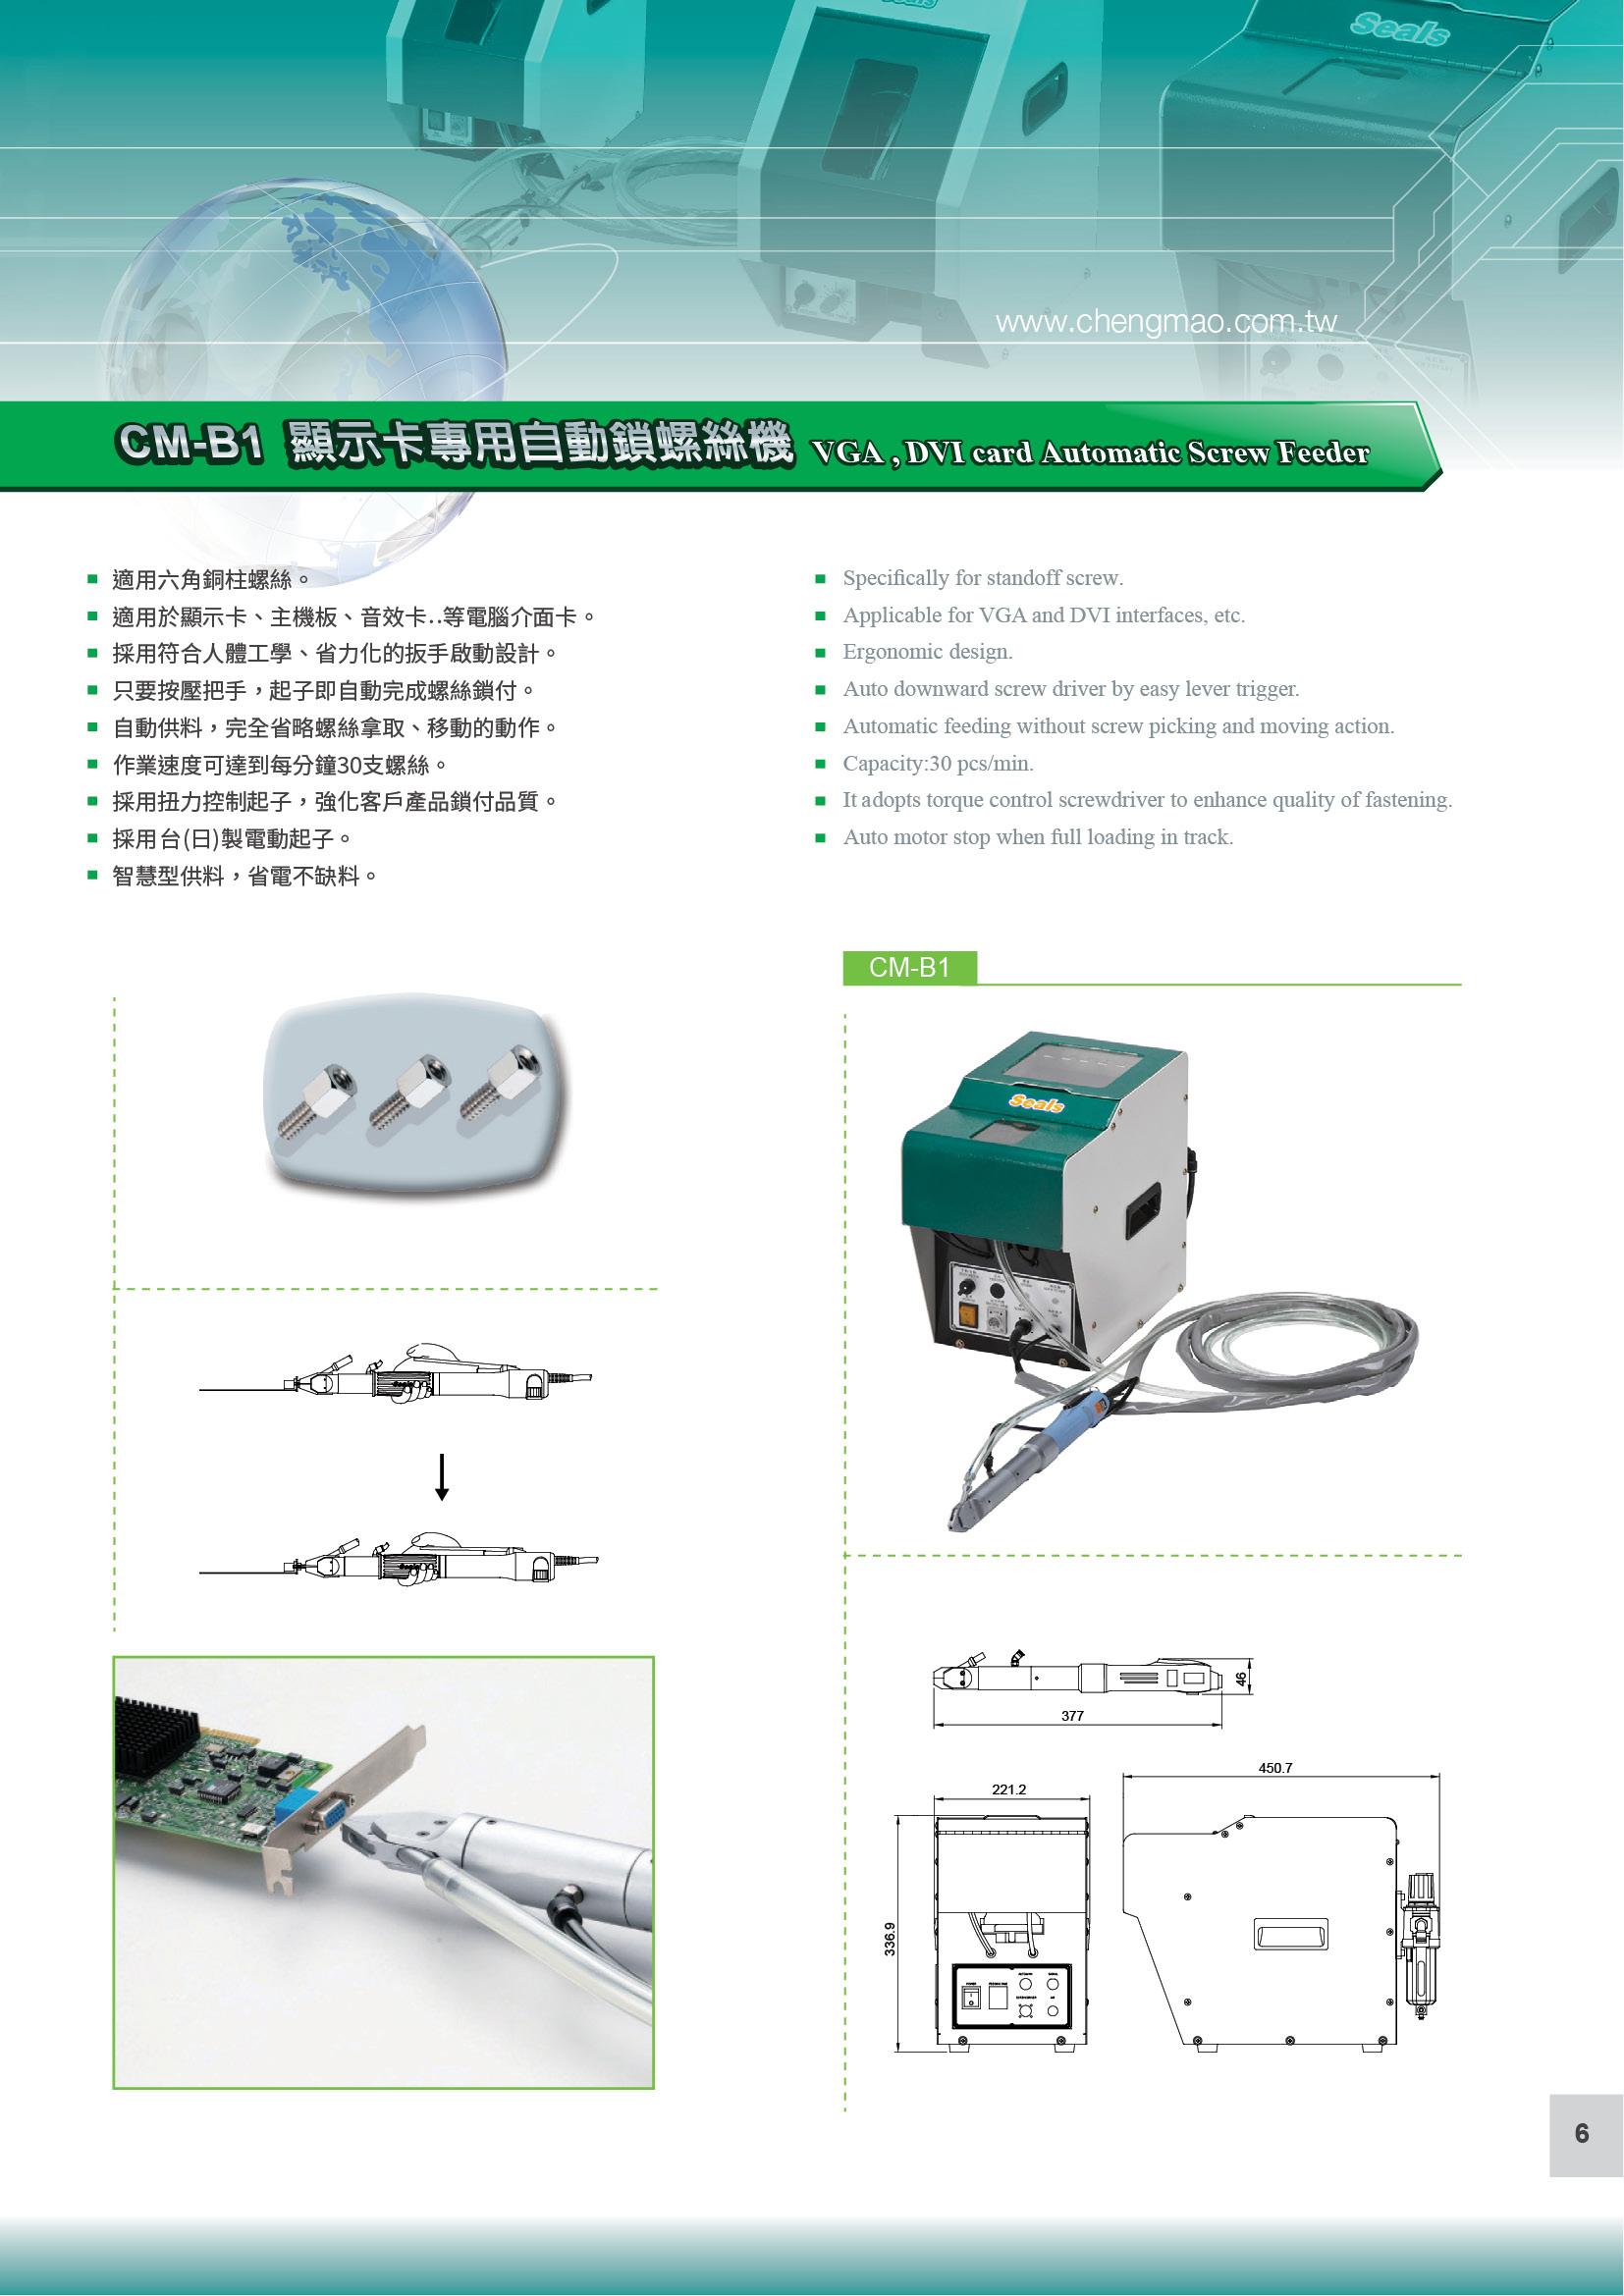 groth drsg paul dosing dosierschnecke dispersing g screws m en feeder agitator products with drs screw hlenbau